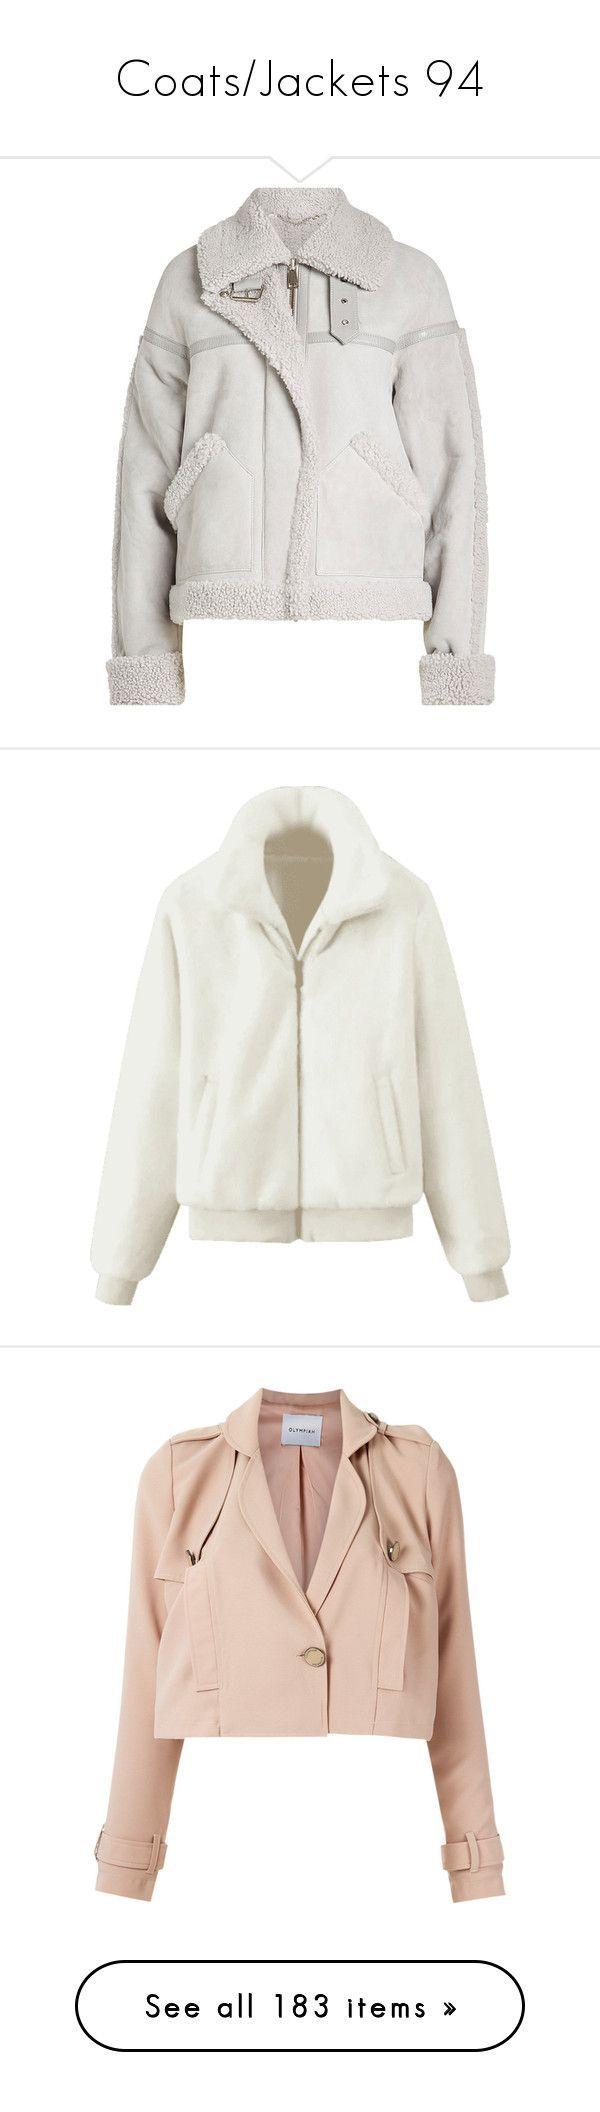 """""""Coats/Jackets 94"""" by singlemom ❤️ liked on Polyvore featuring outerwear, jackets, coats, coats & jackets, grey, gray jacket, suede aviator jacket, grey suede jacket, grey jacket and grey suede leather jacket"""